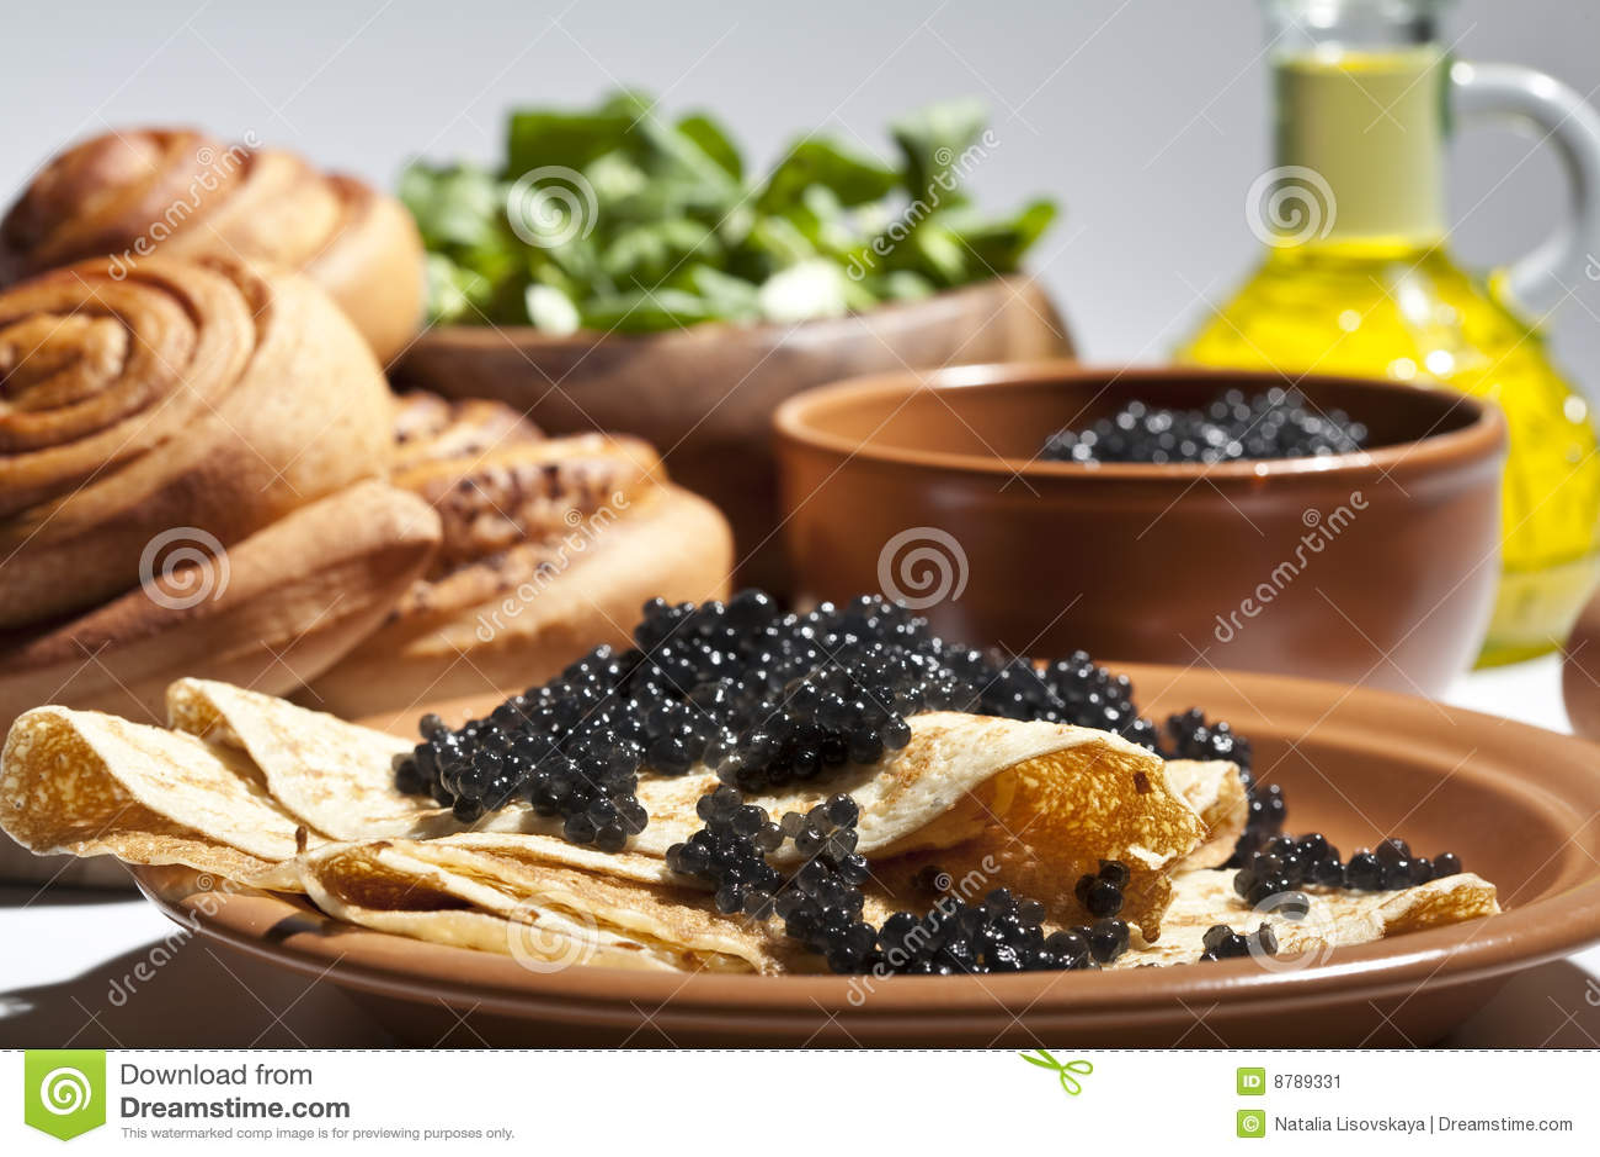 Panqueca com caviar preto